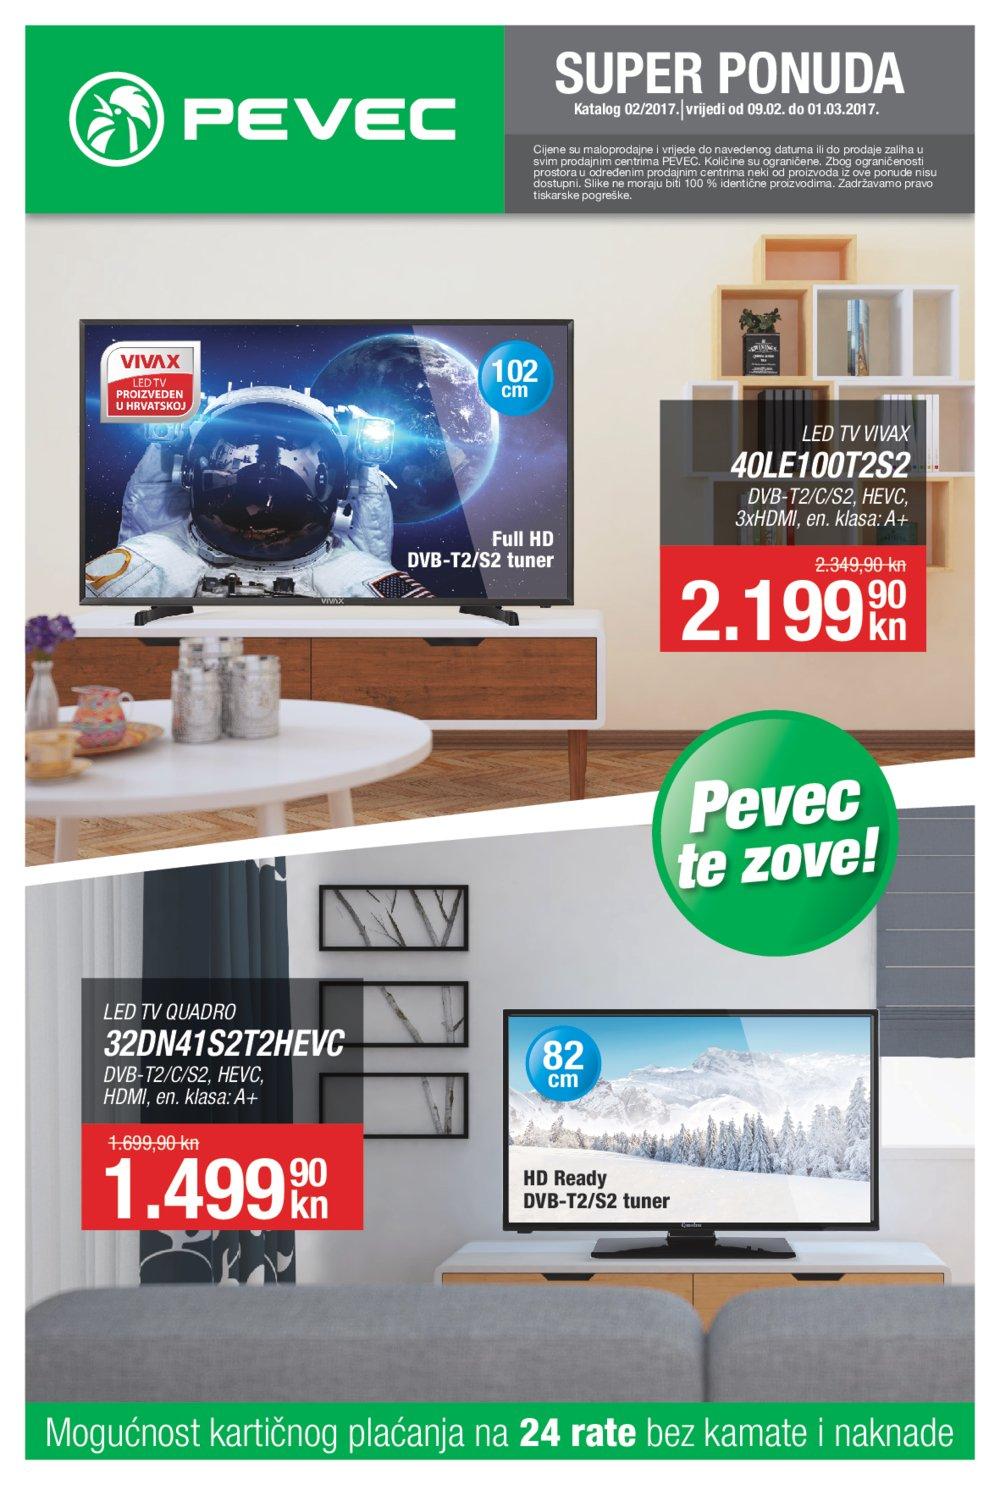 Pevec katalog Super ponuda do 1.3.2017.